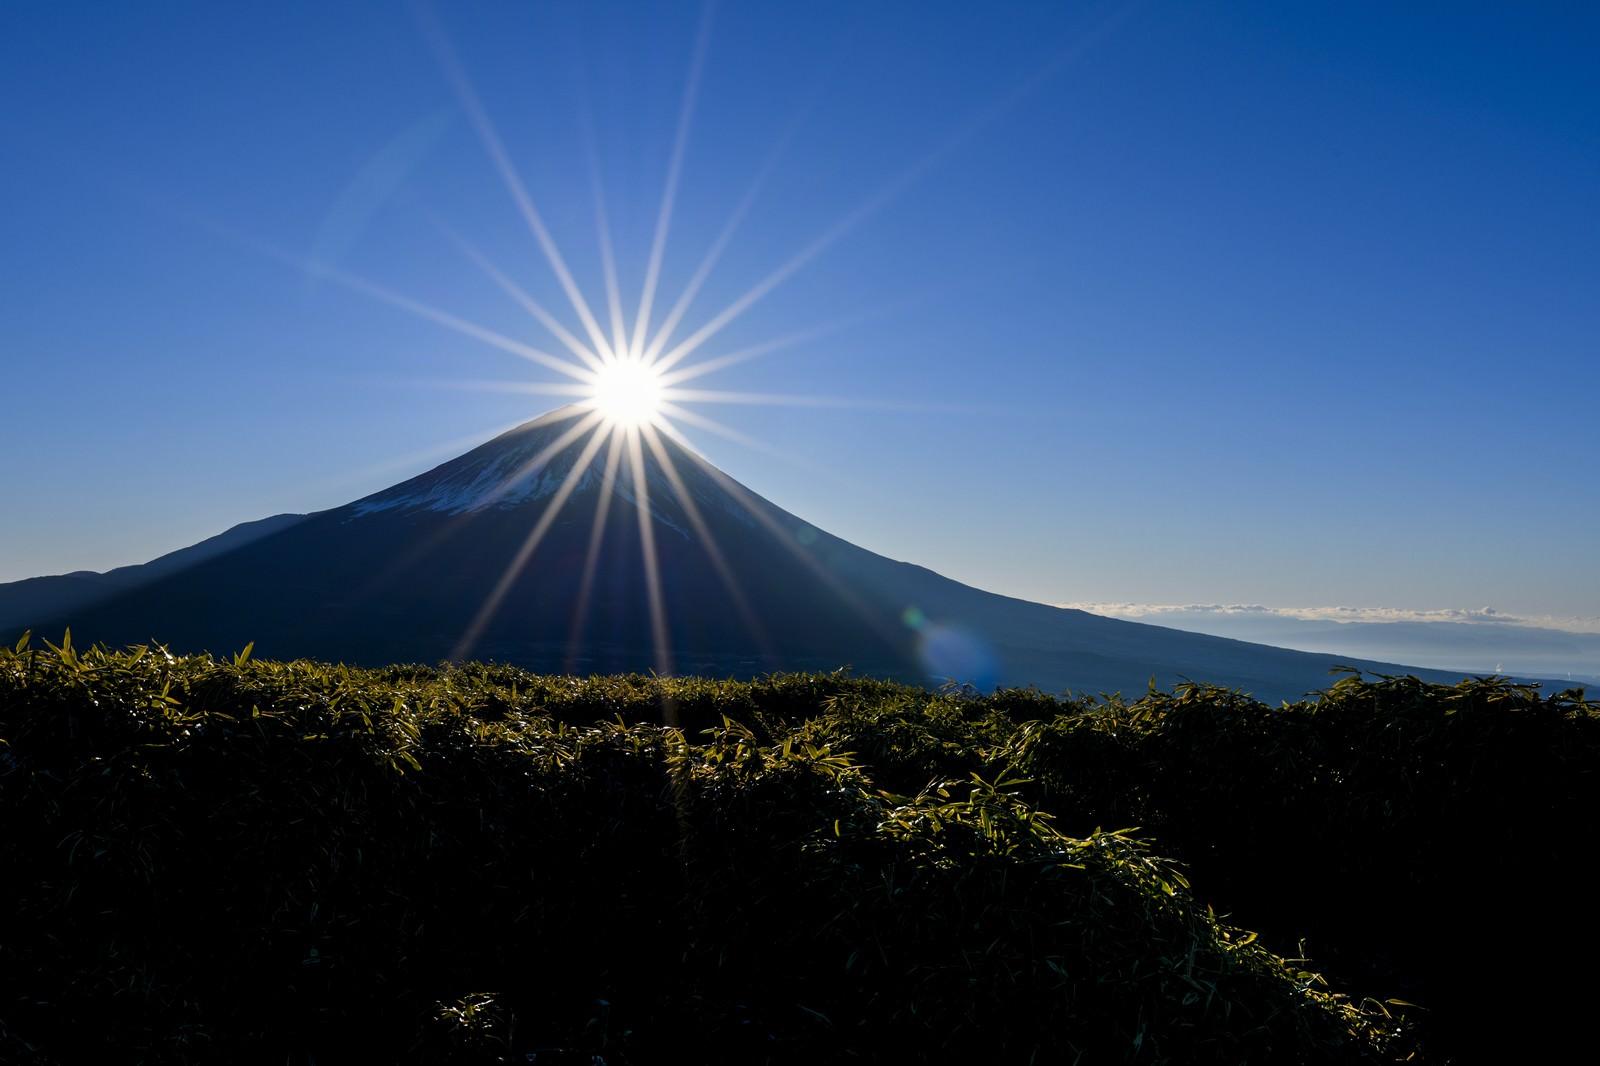 「巨大な光芒と輝く富士(竜ヶ岳)」の写真